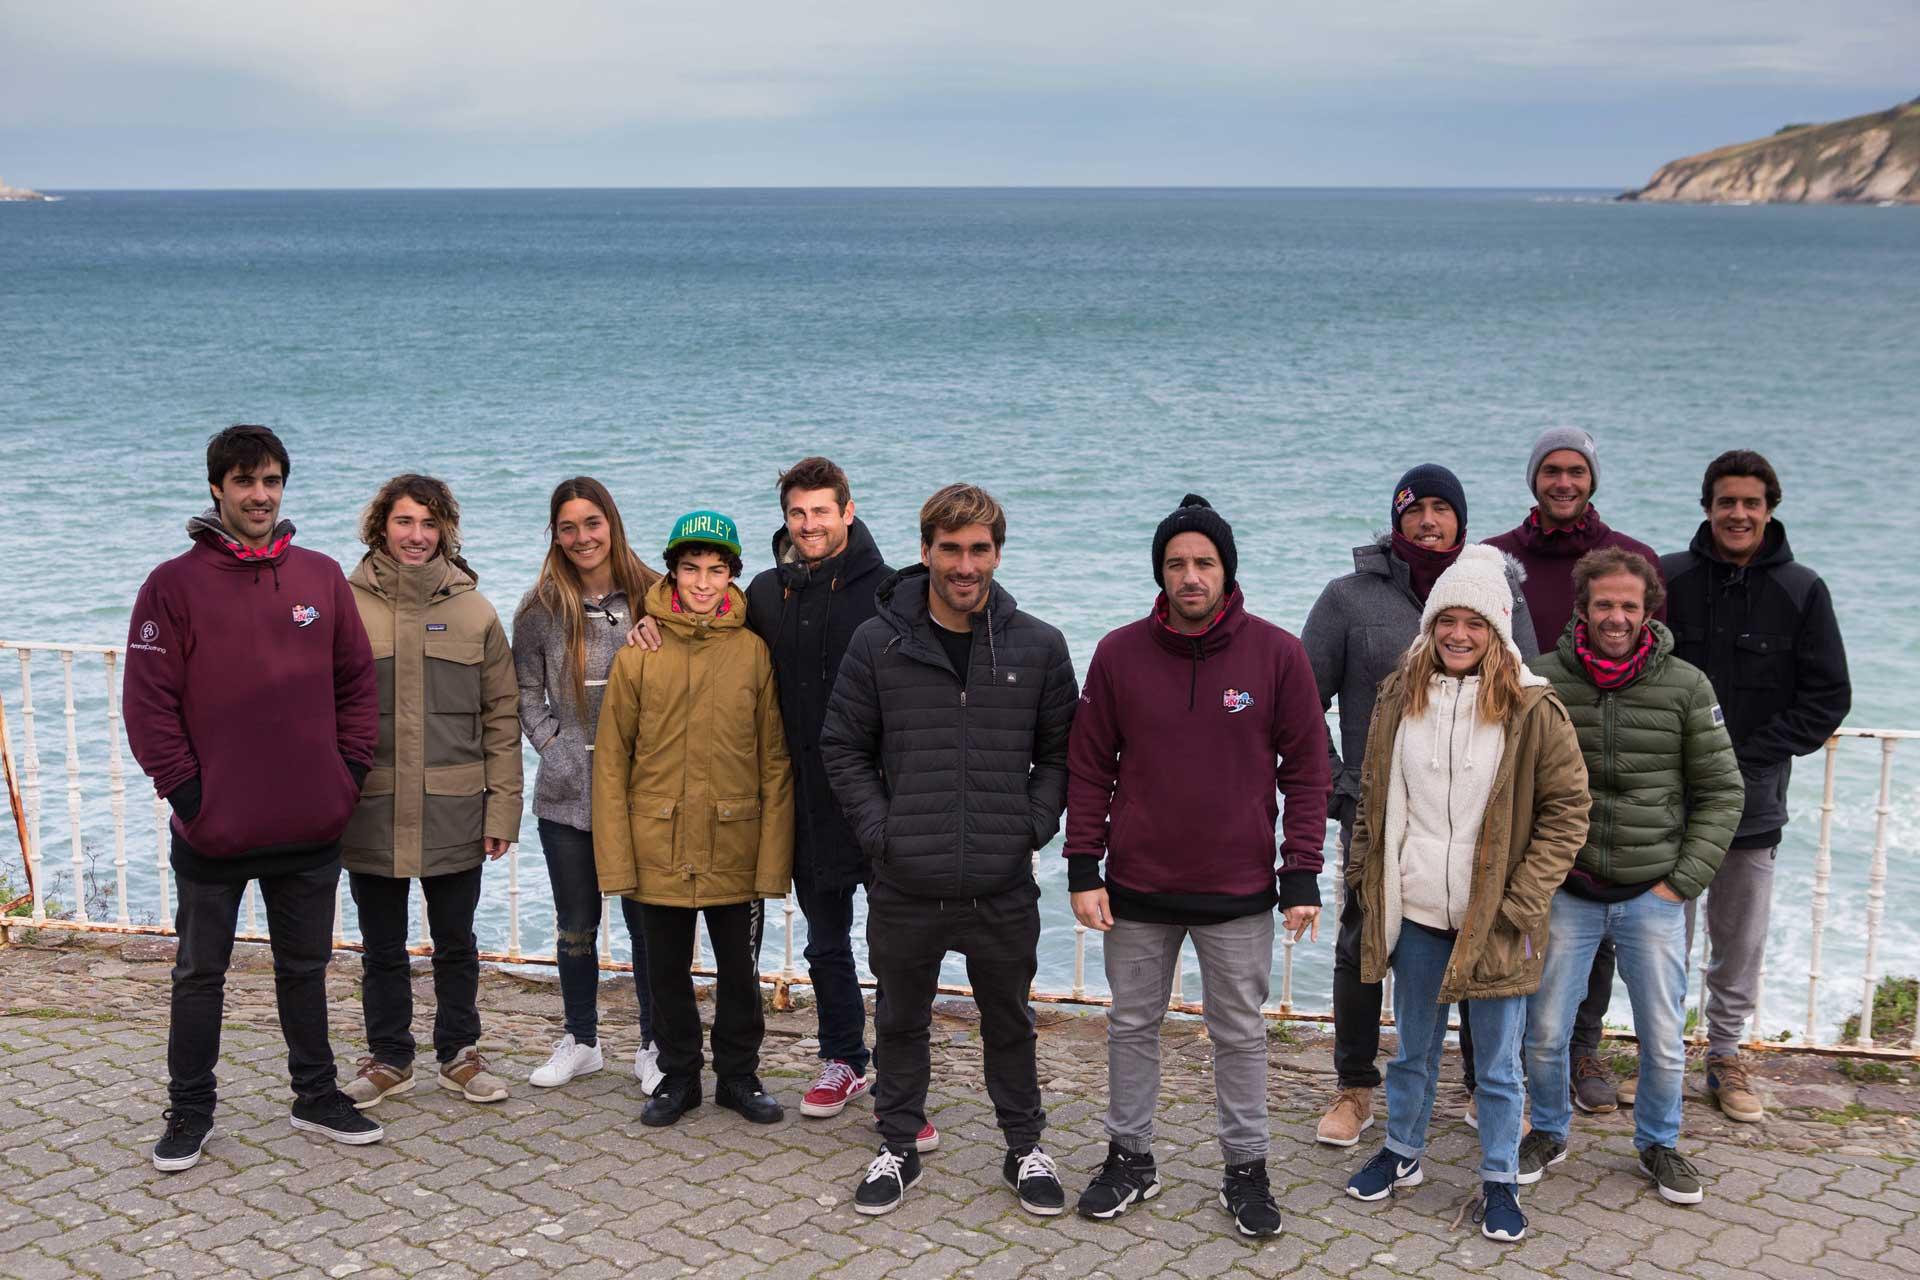 Links: Das Team aus Spanien mit Anführer Aritz Aranburu. Rechts: Die Portugiesen mit ihrem Team-Leader Tiago Pires. Dahinter: Mundaka, wenn keine Welle bricht. Credit: Javier Munoz / Red Bull